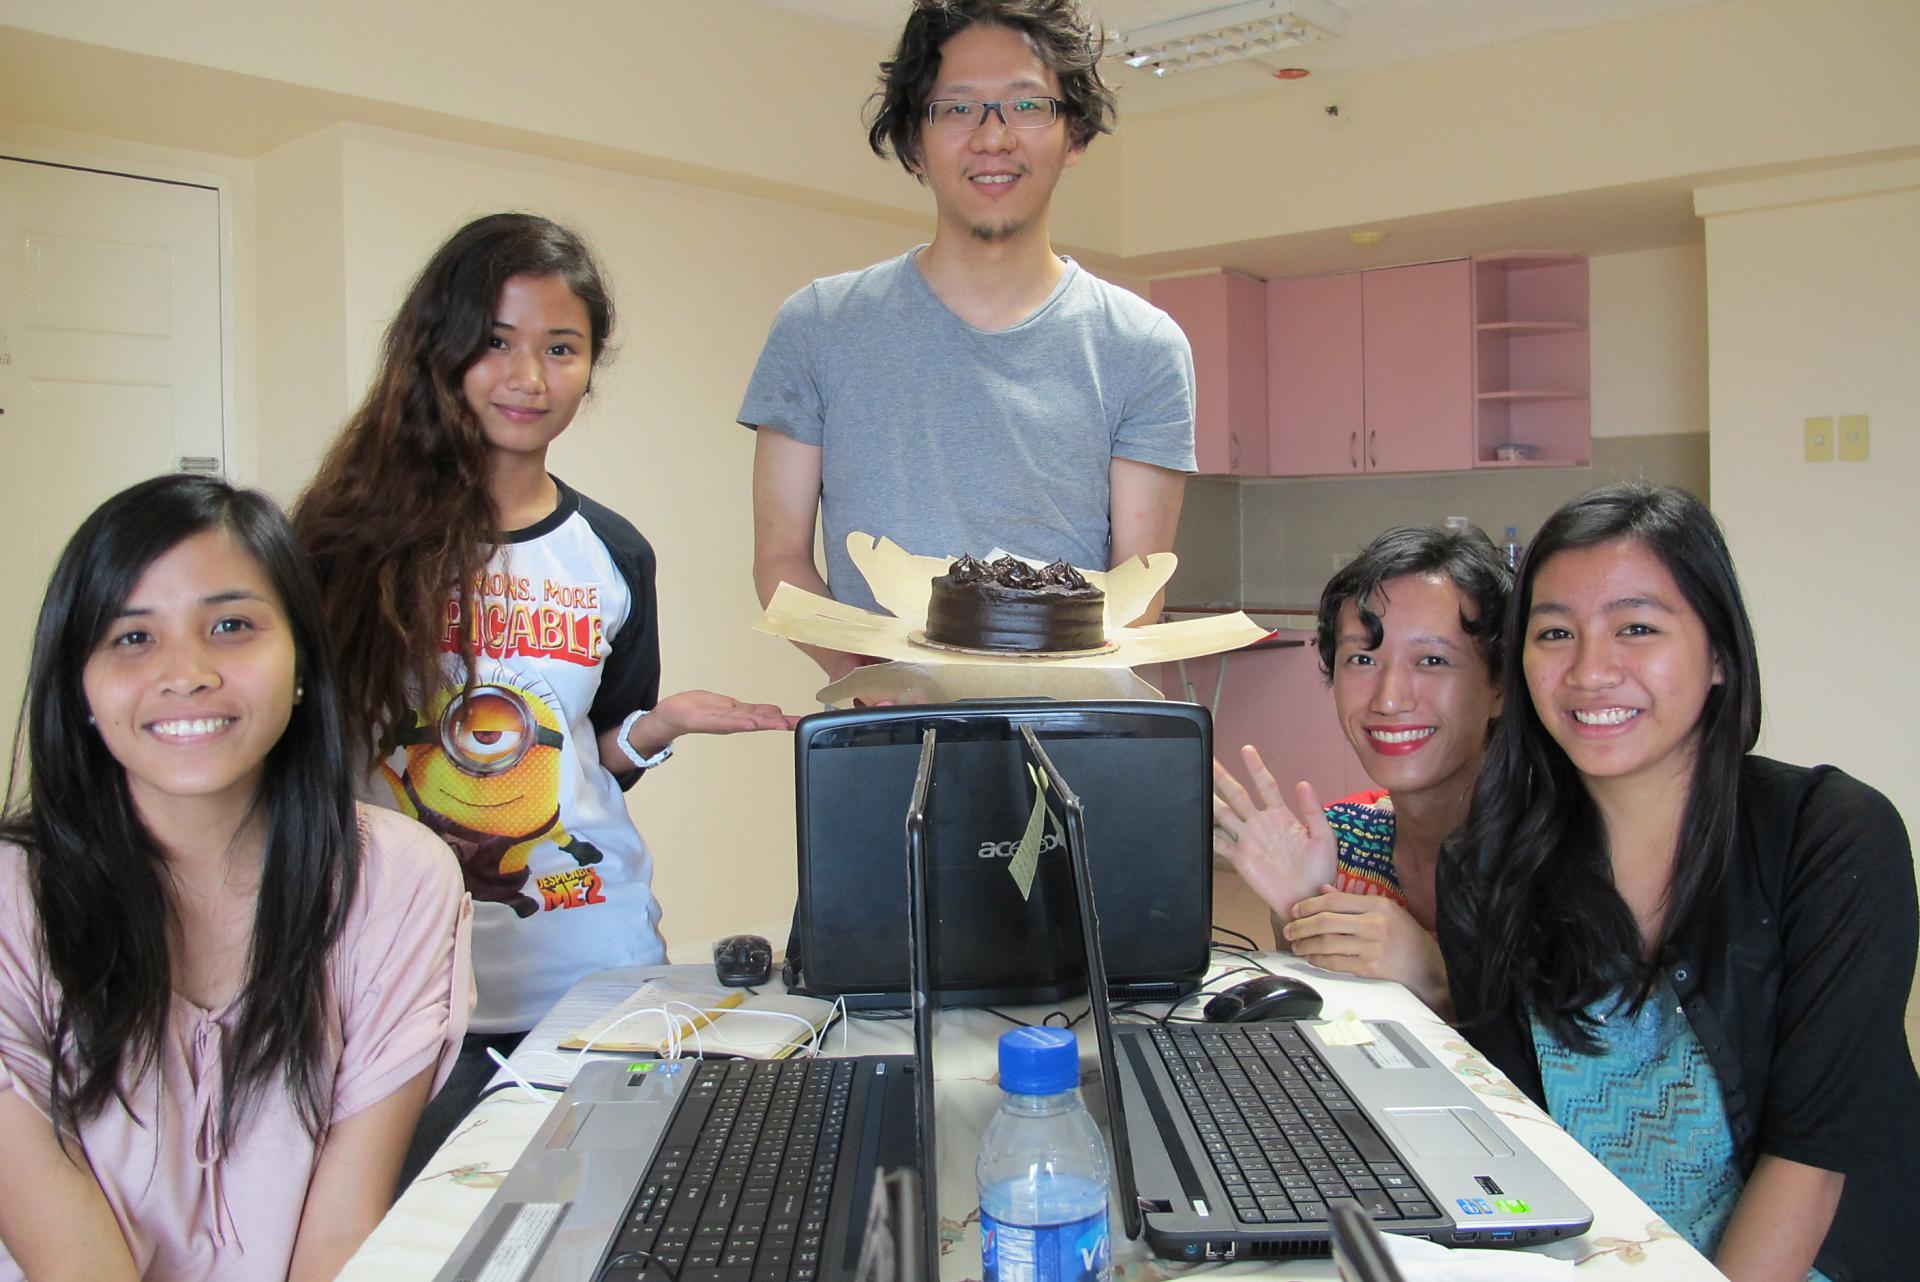 從珍珠奶茶 到教育事業 王修駿 的菲律賓創業課